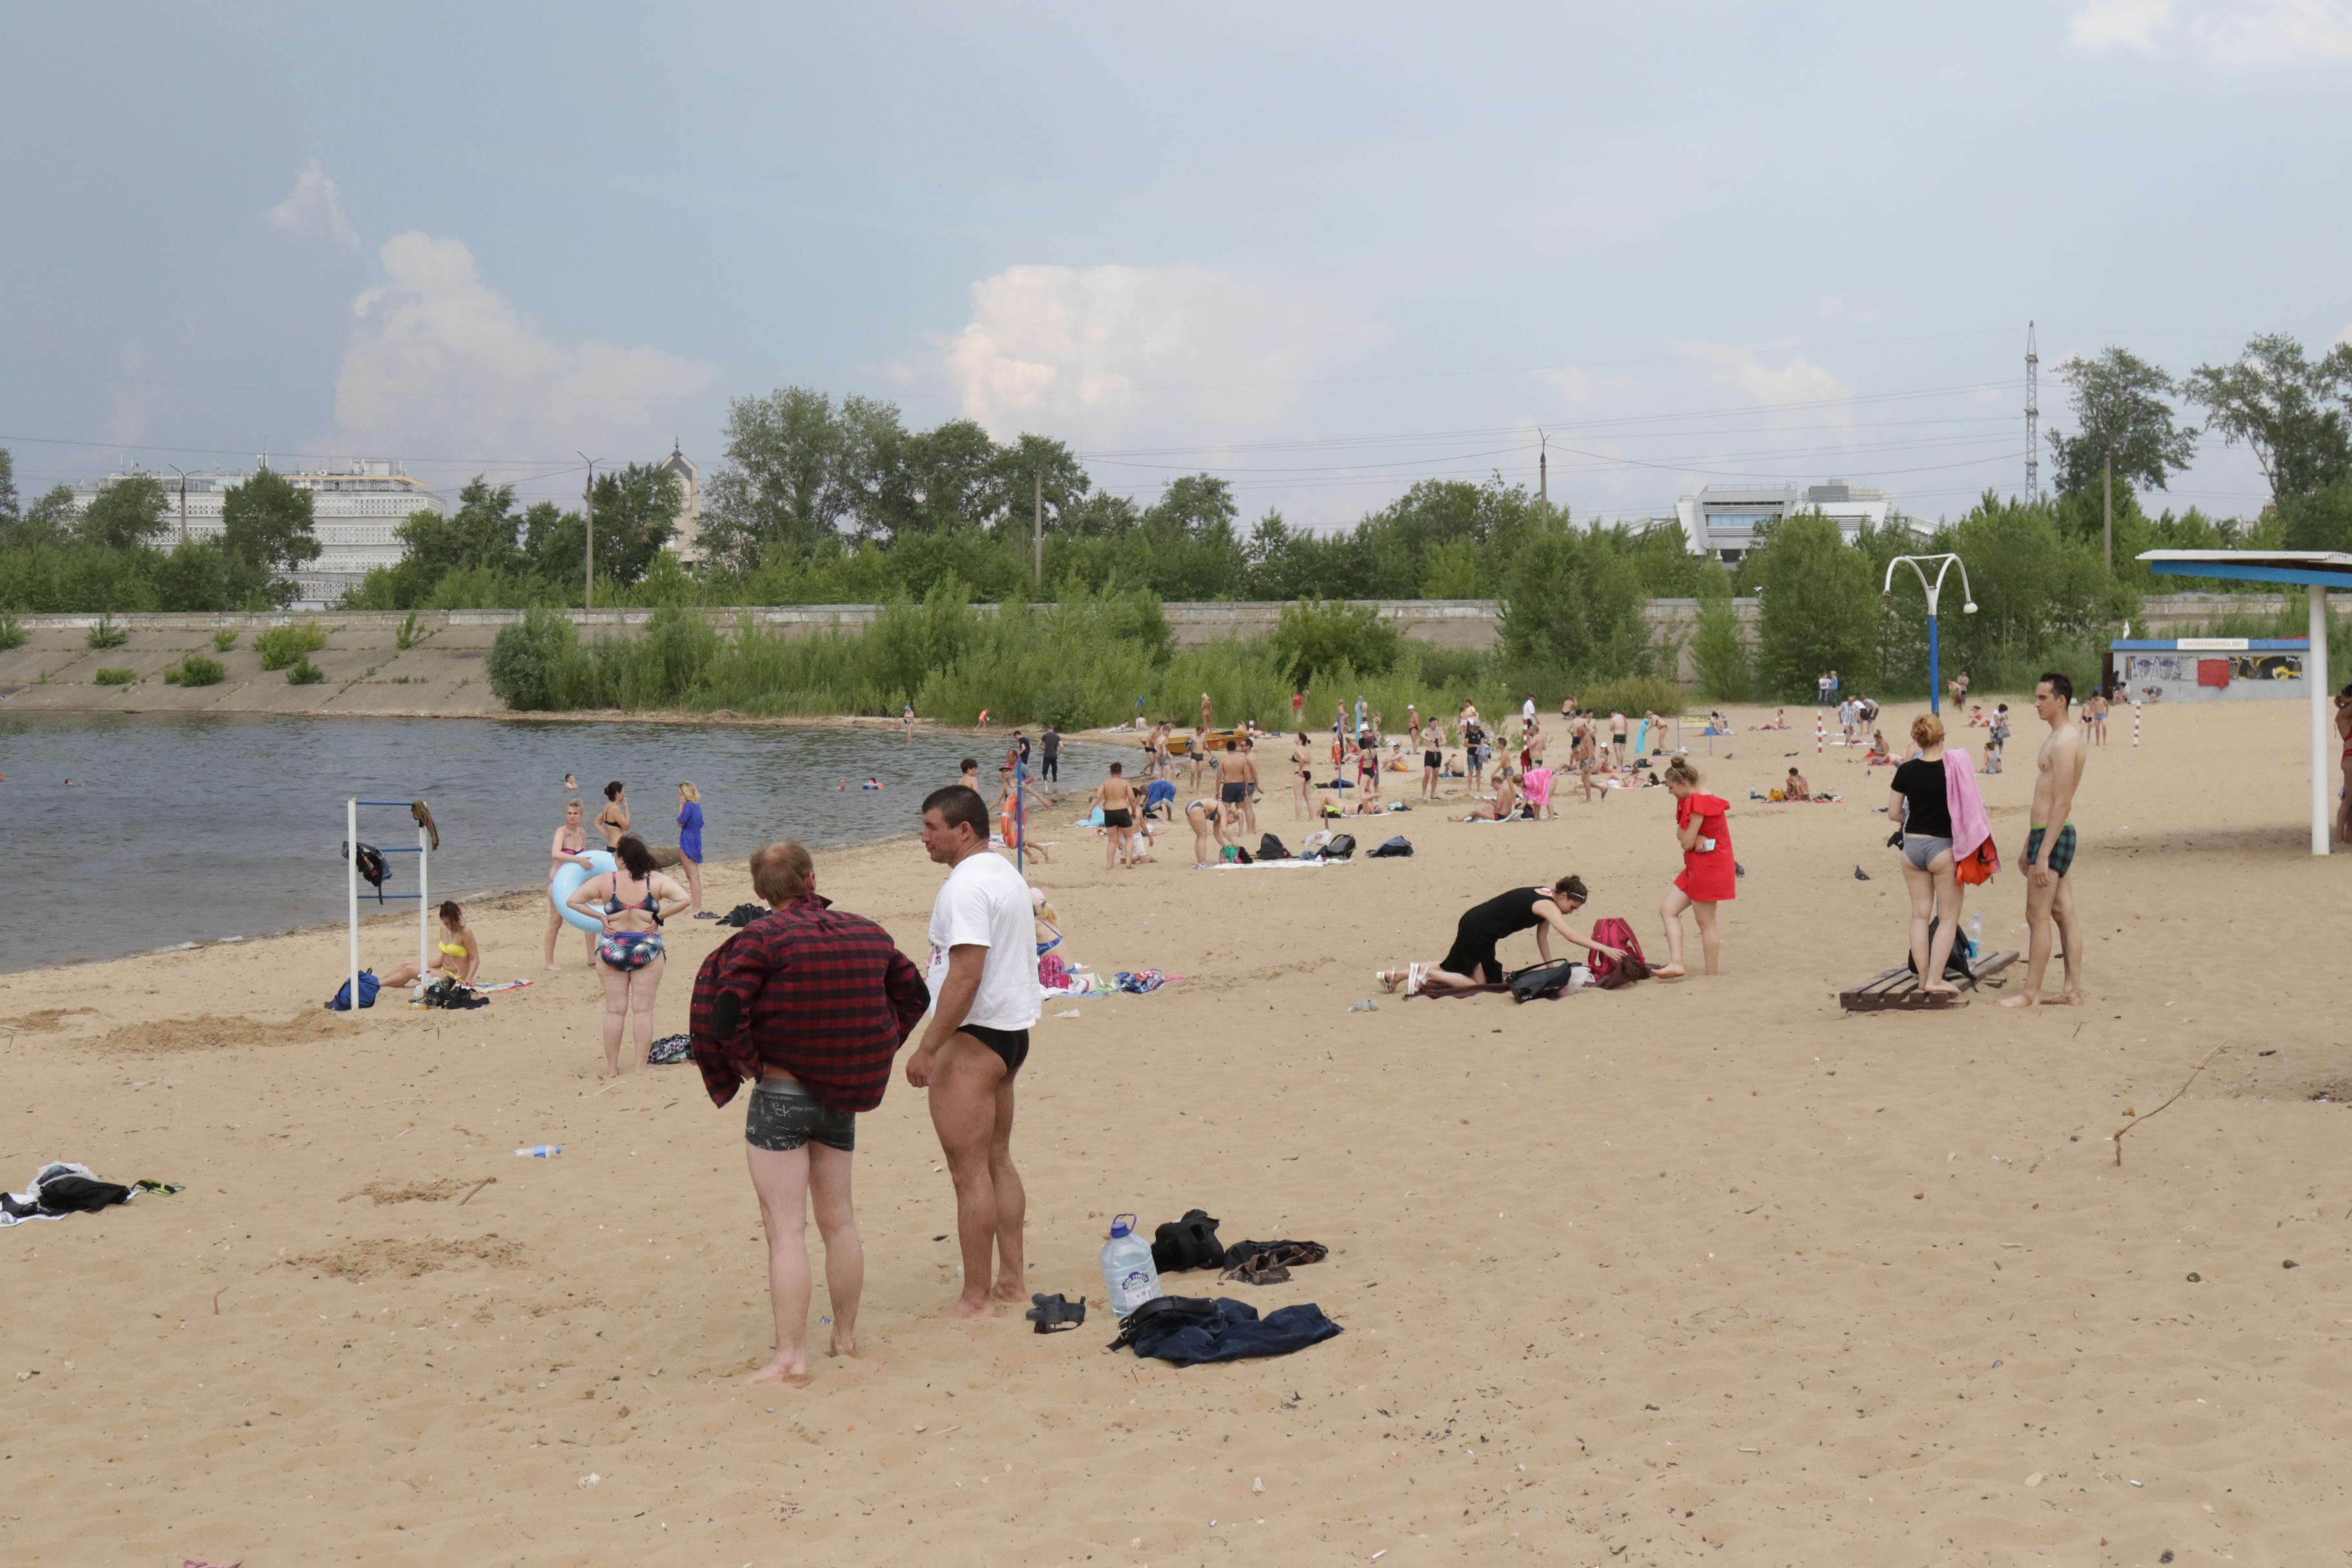 Печальное начало купального сезона: за 25 дней на воде погибли 20 человек